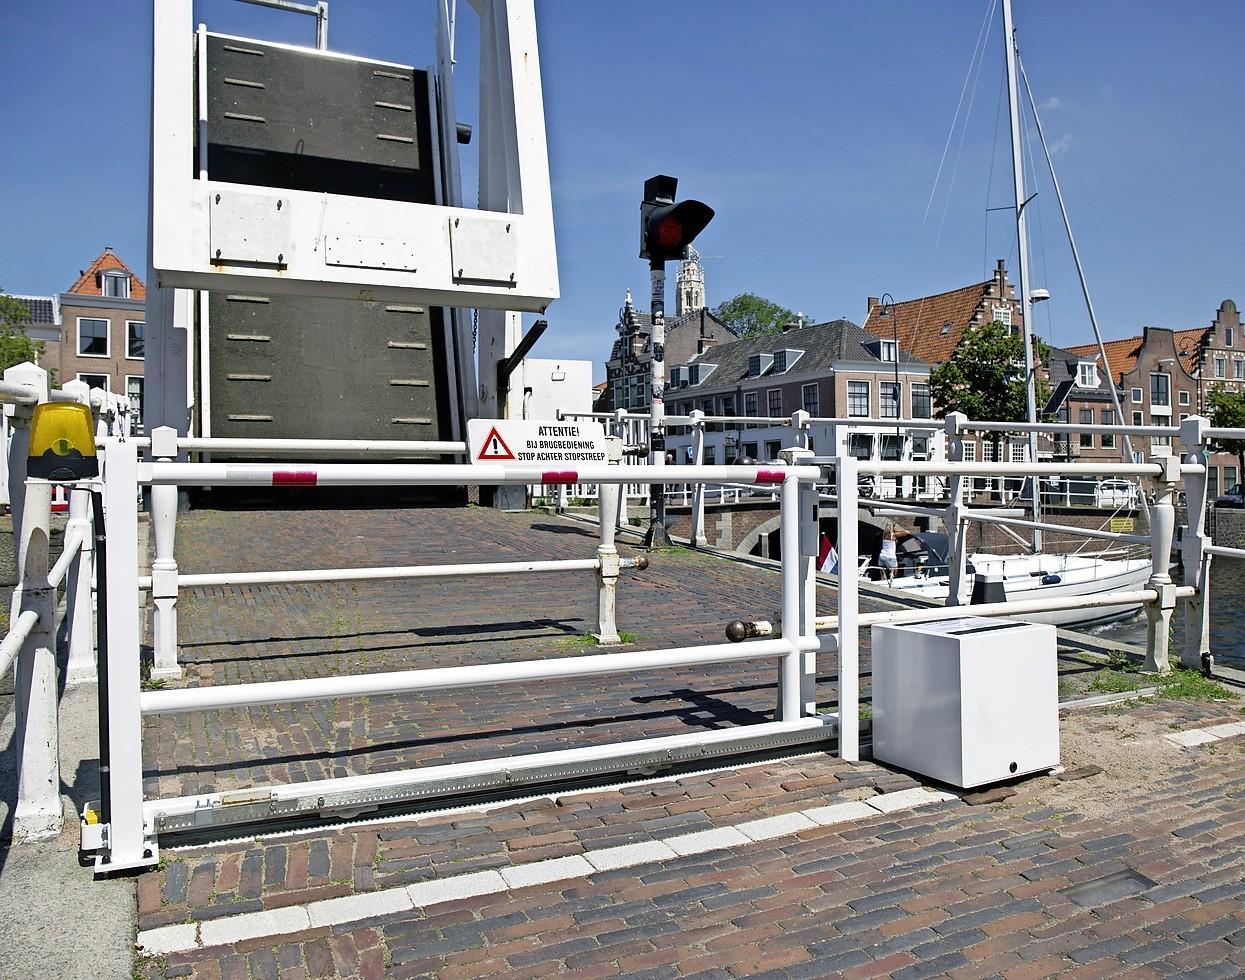 Haarlemse bruggensoap deel zoveel: Gravestenenbrug opnieuw in storing